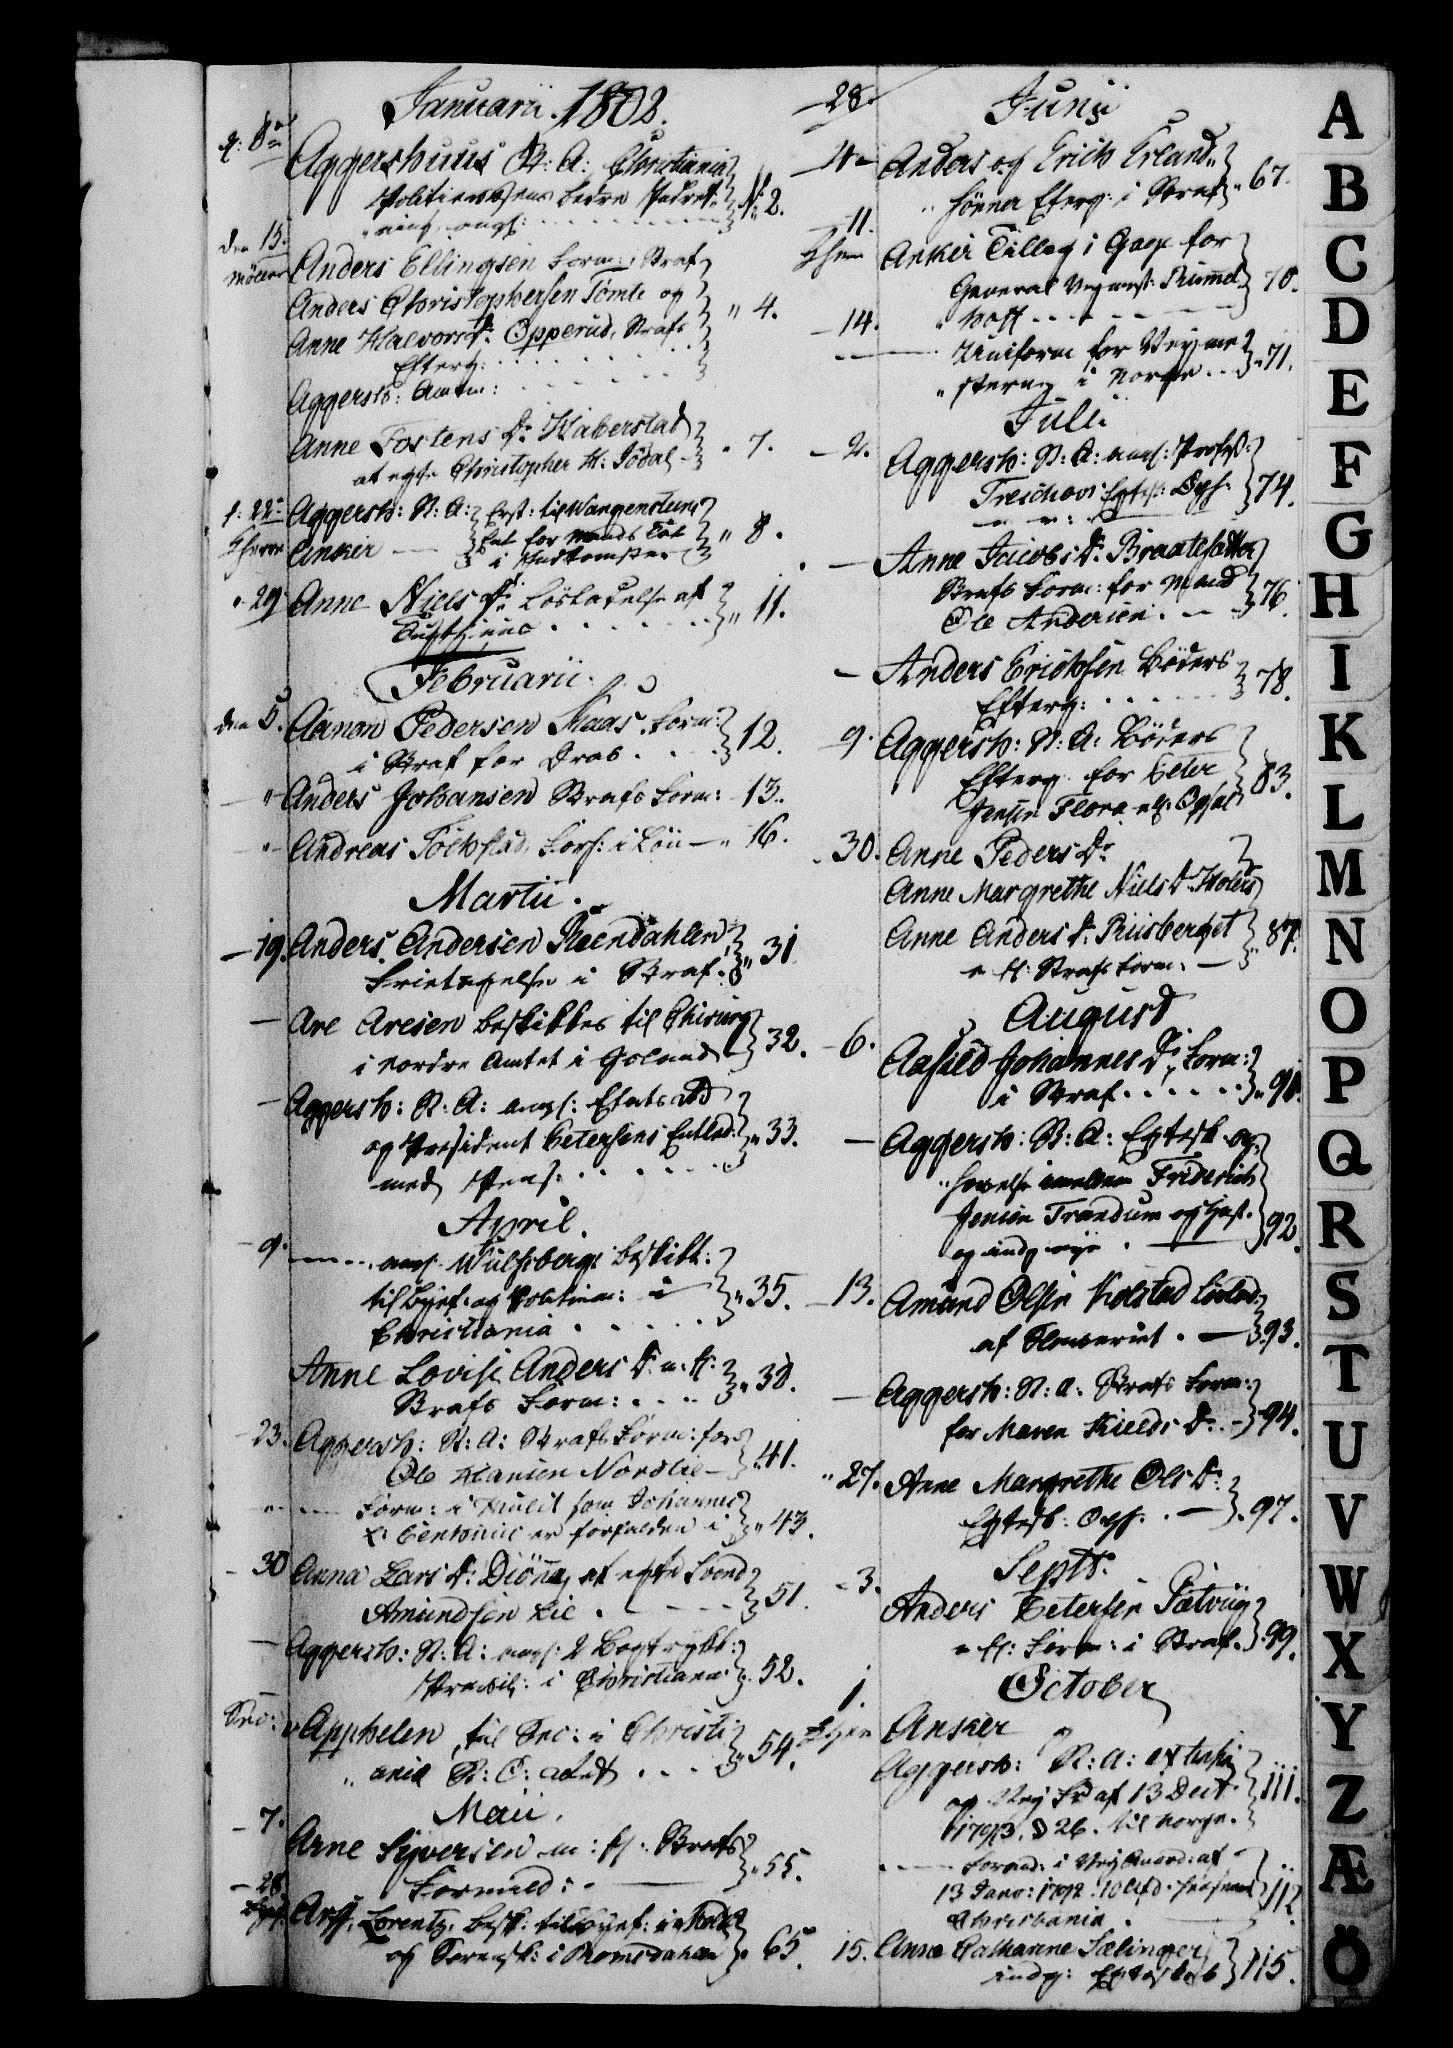 RA, Danske Kanselli 1800-1814, H/Hf/Hfa/Hfab/L0003: Forestillinger, 1802